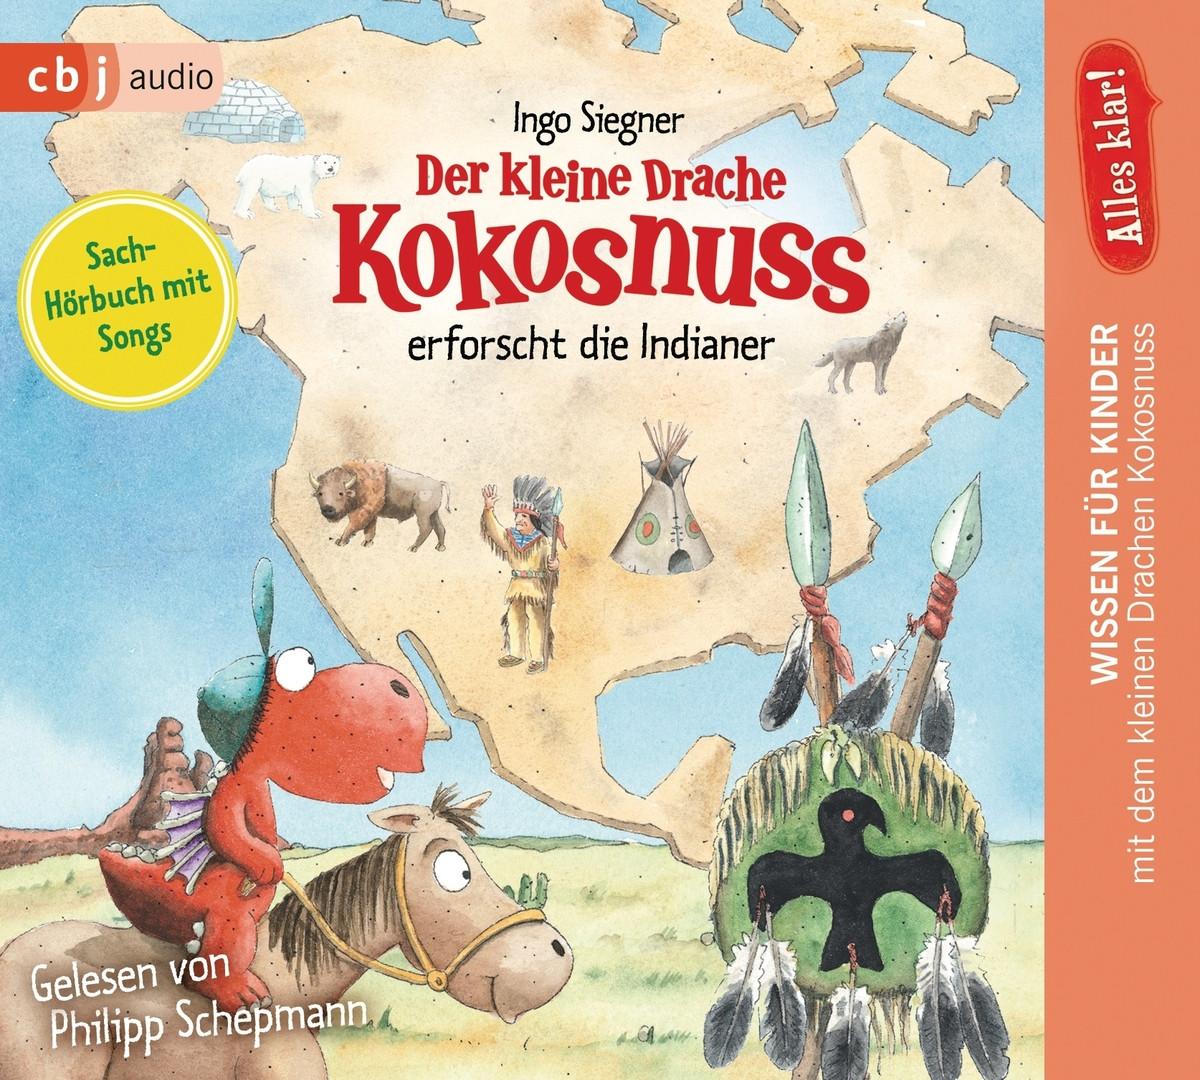 Alles klar! Der kleine Drache Kokosnuss erforscht: Die Indianer